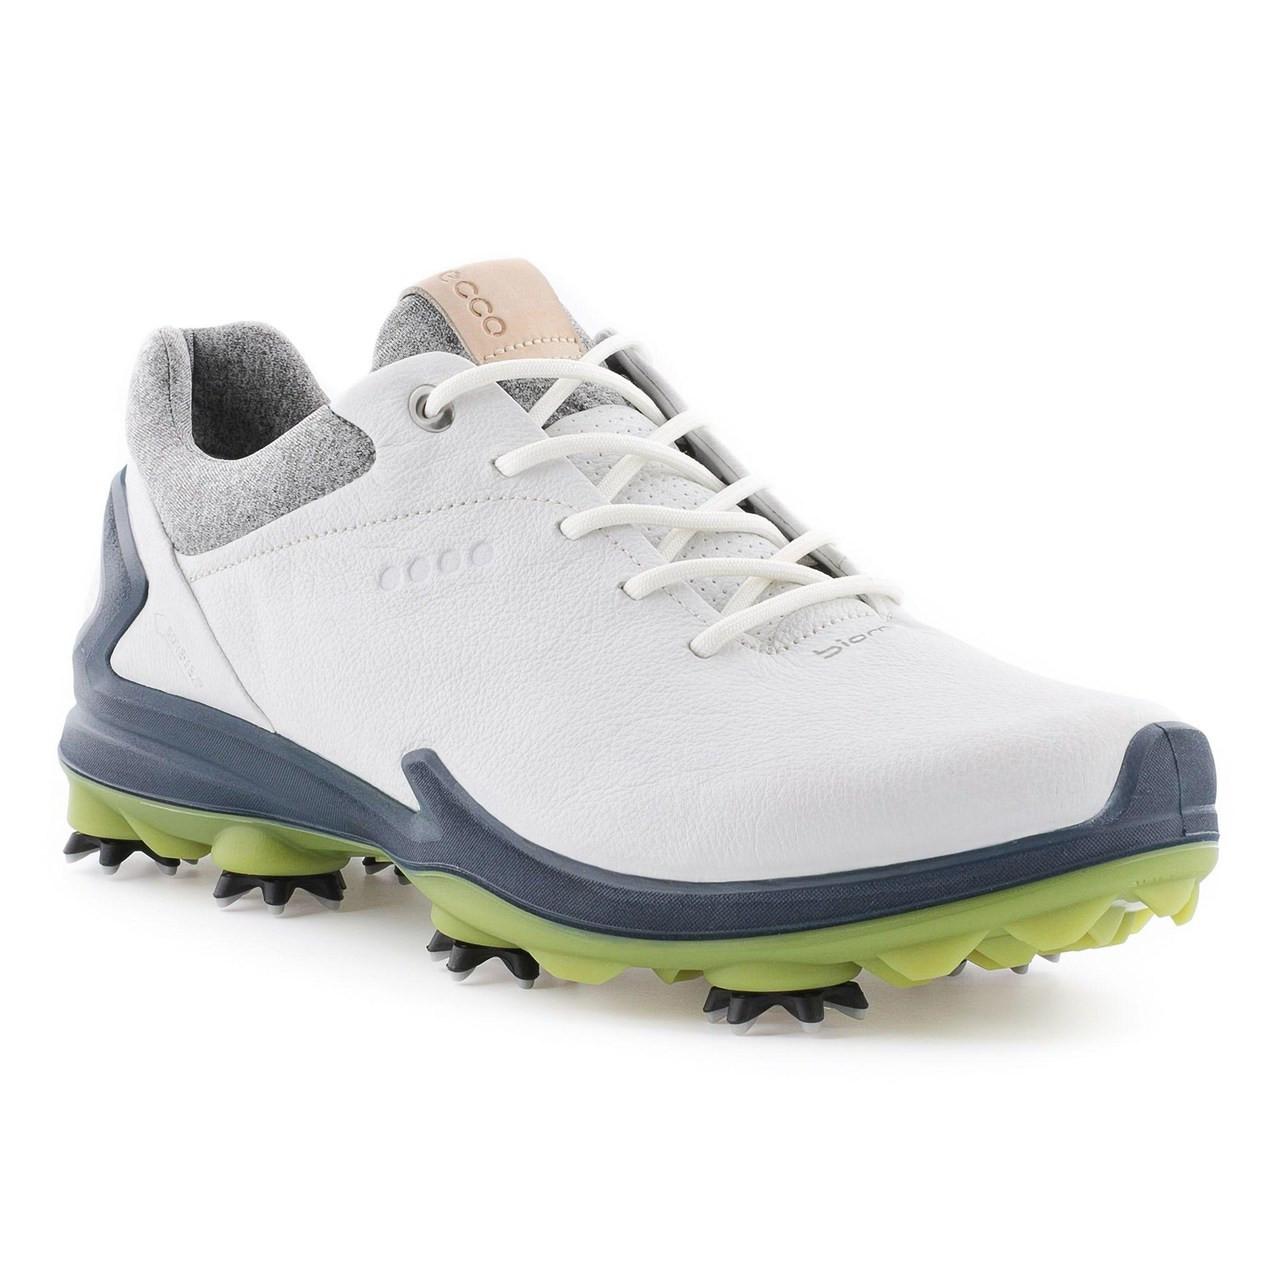 05b926bb388 Ecco Mens Biom G3 Goretex Golf Shoes White Dark Shadow - London Pro Golf